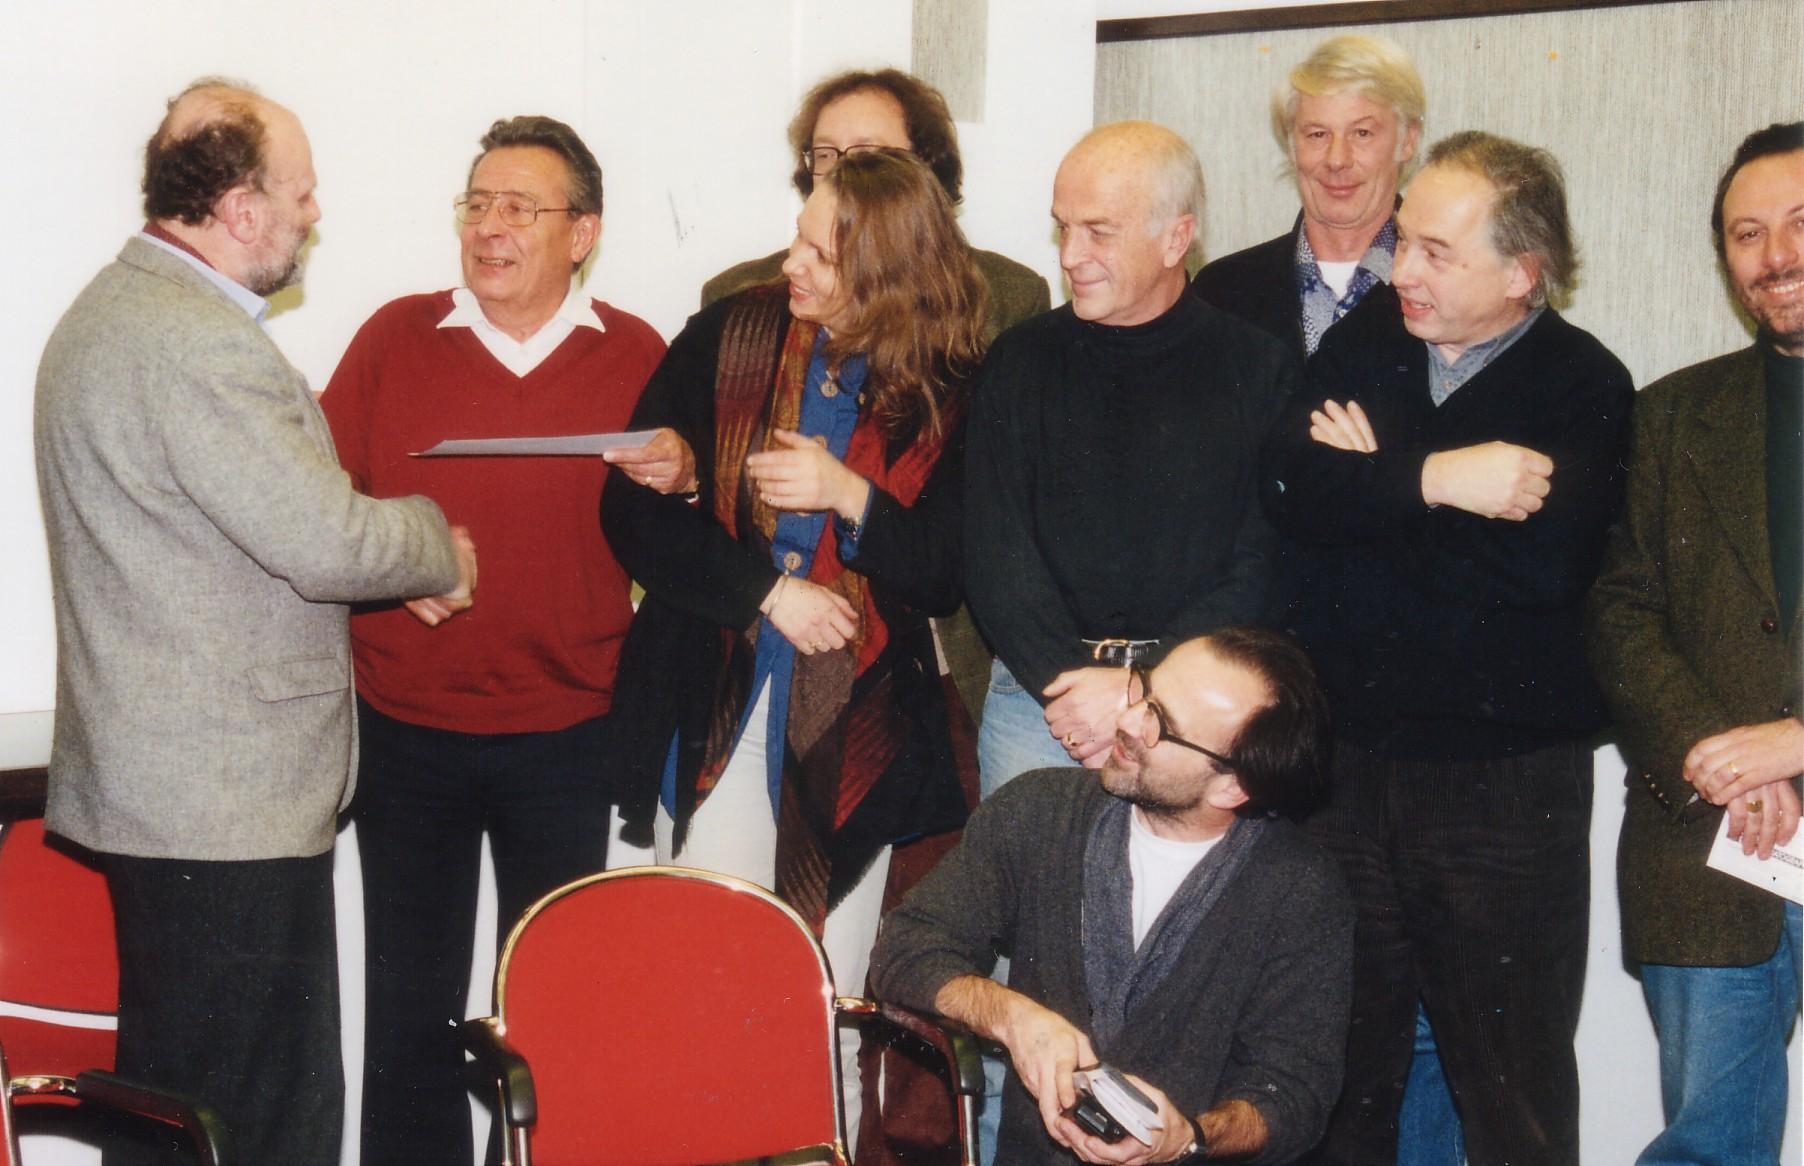 Die Überreichung der AAC Ehrenmitgliedschaft an Heinz Brossmann